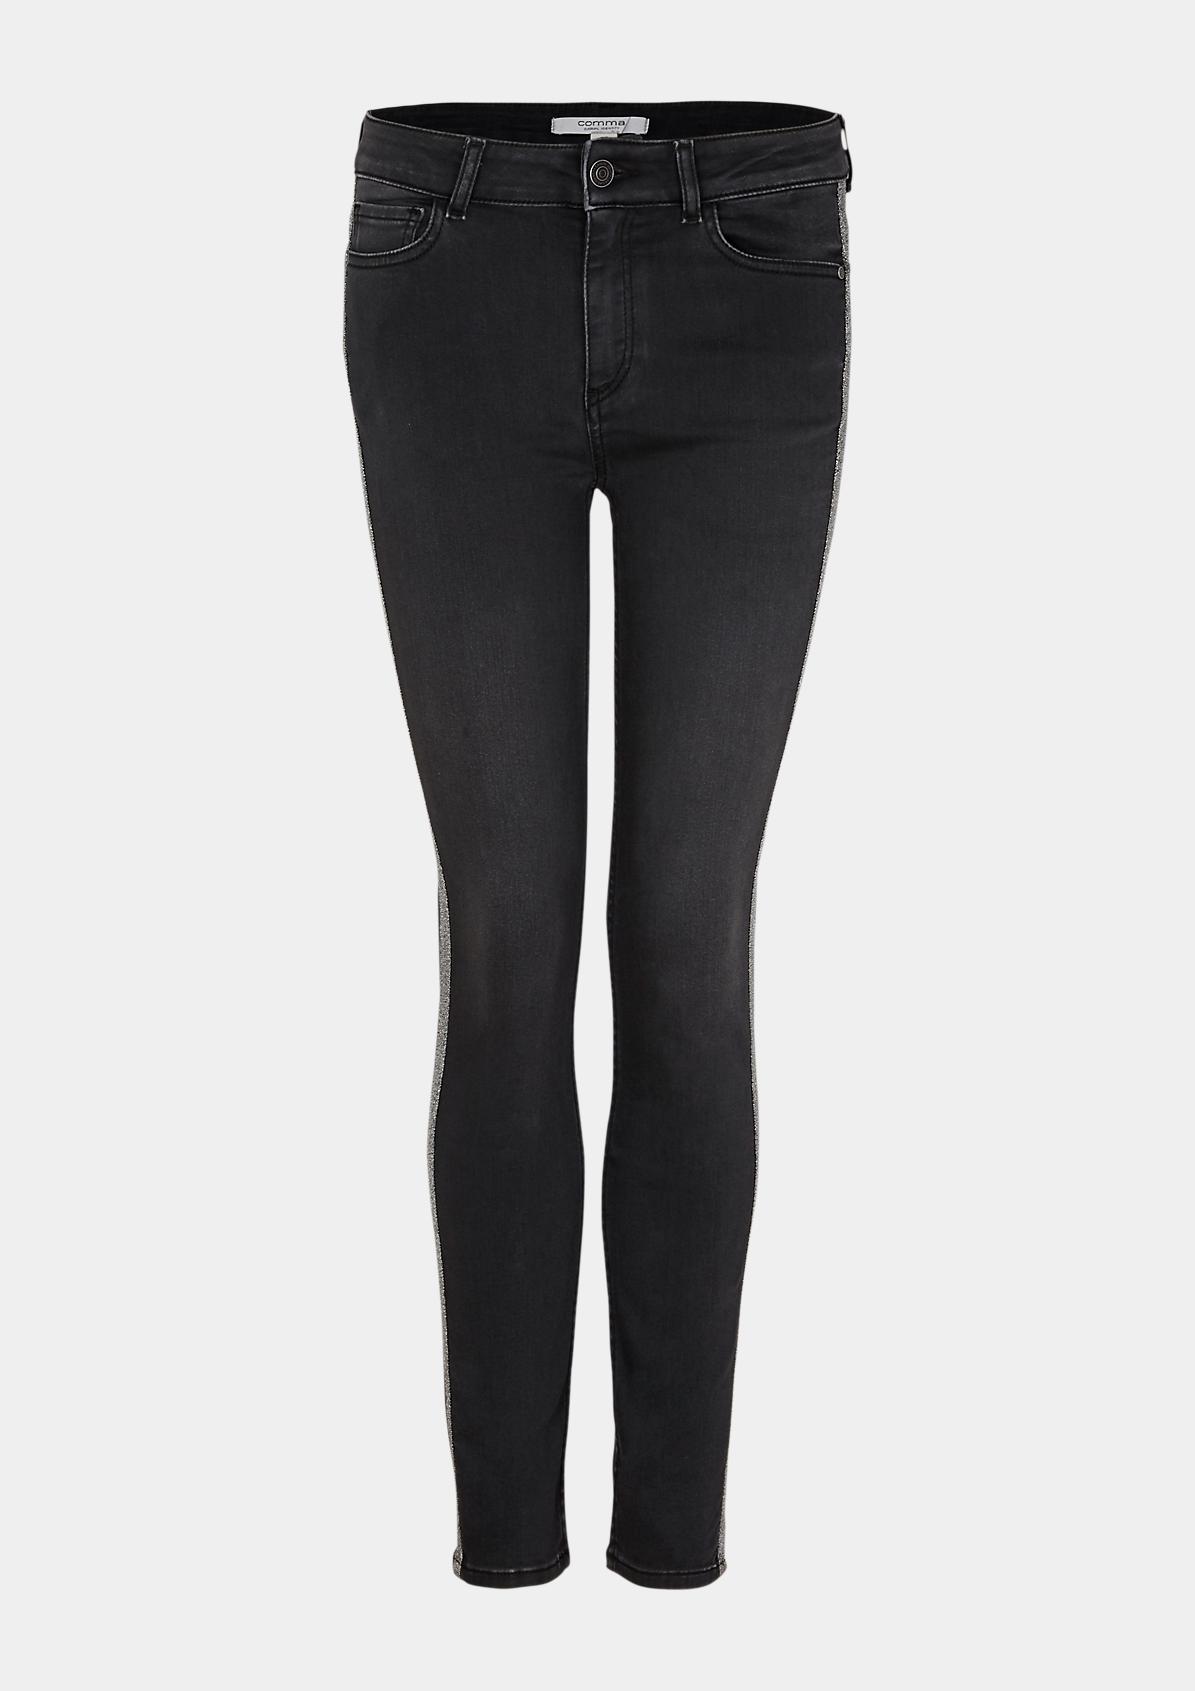 Jeans mit glitzernden Seitenstreifen